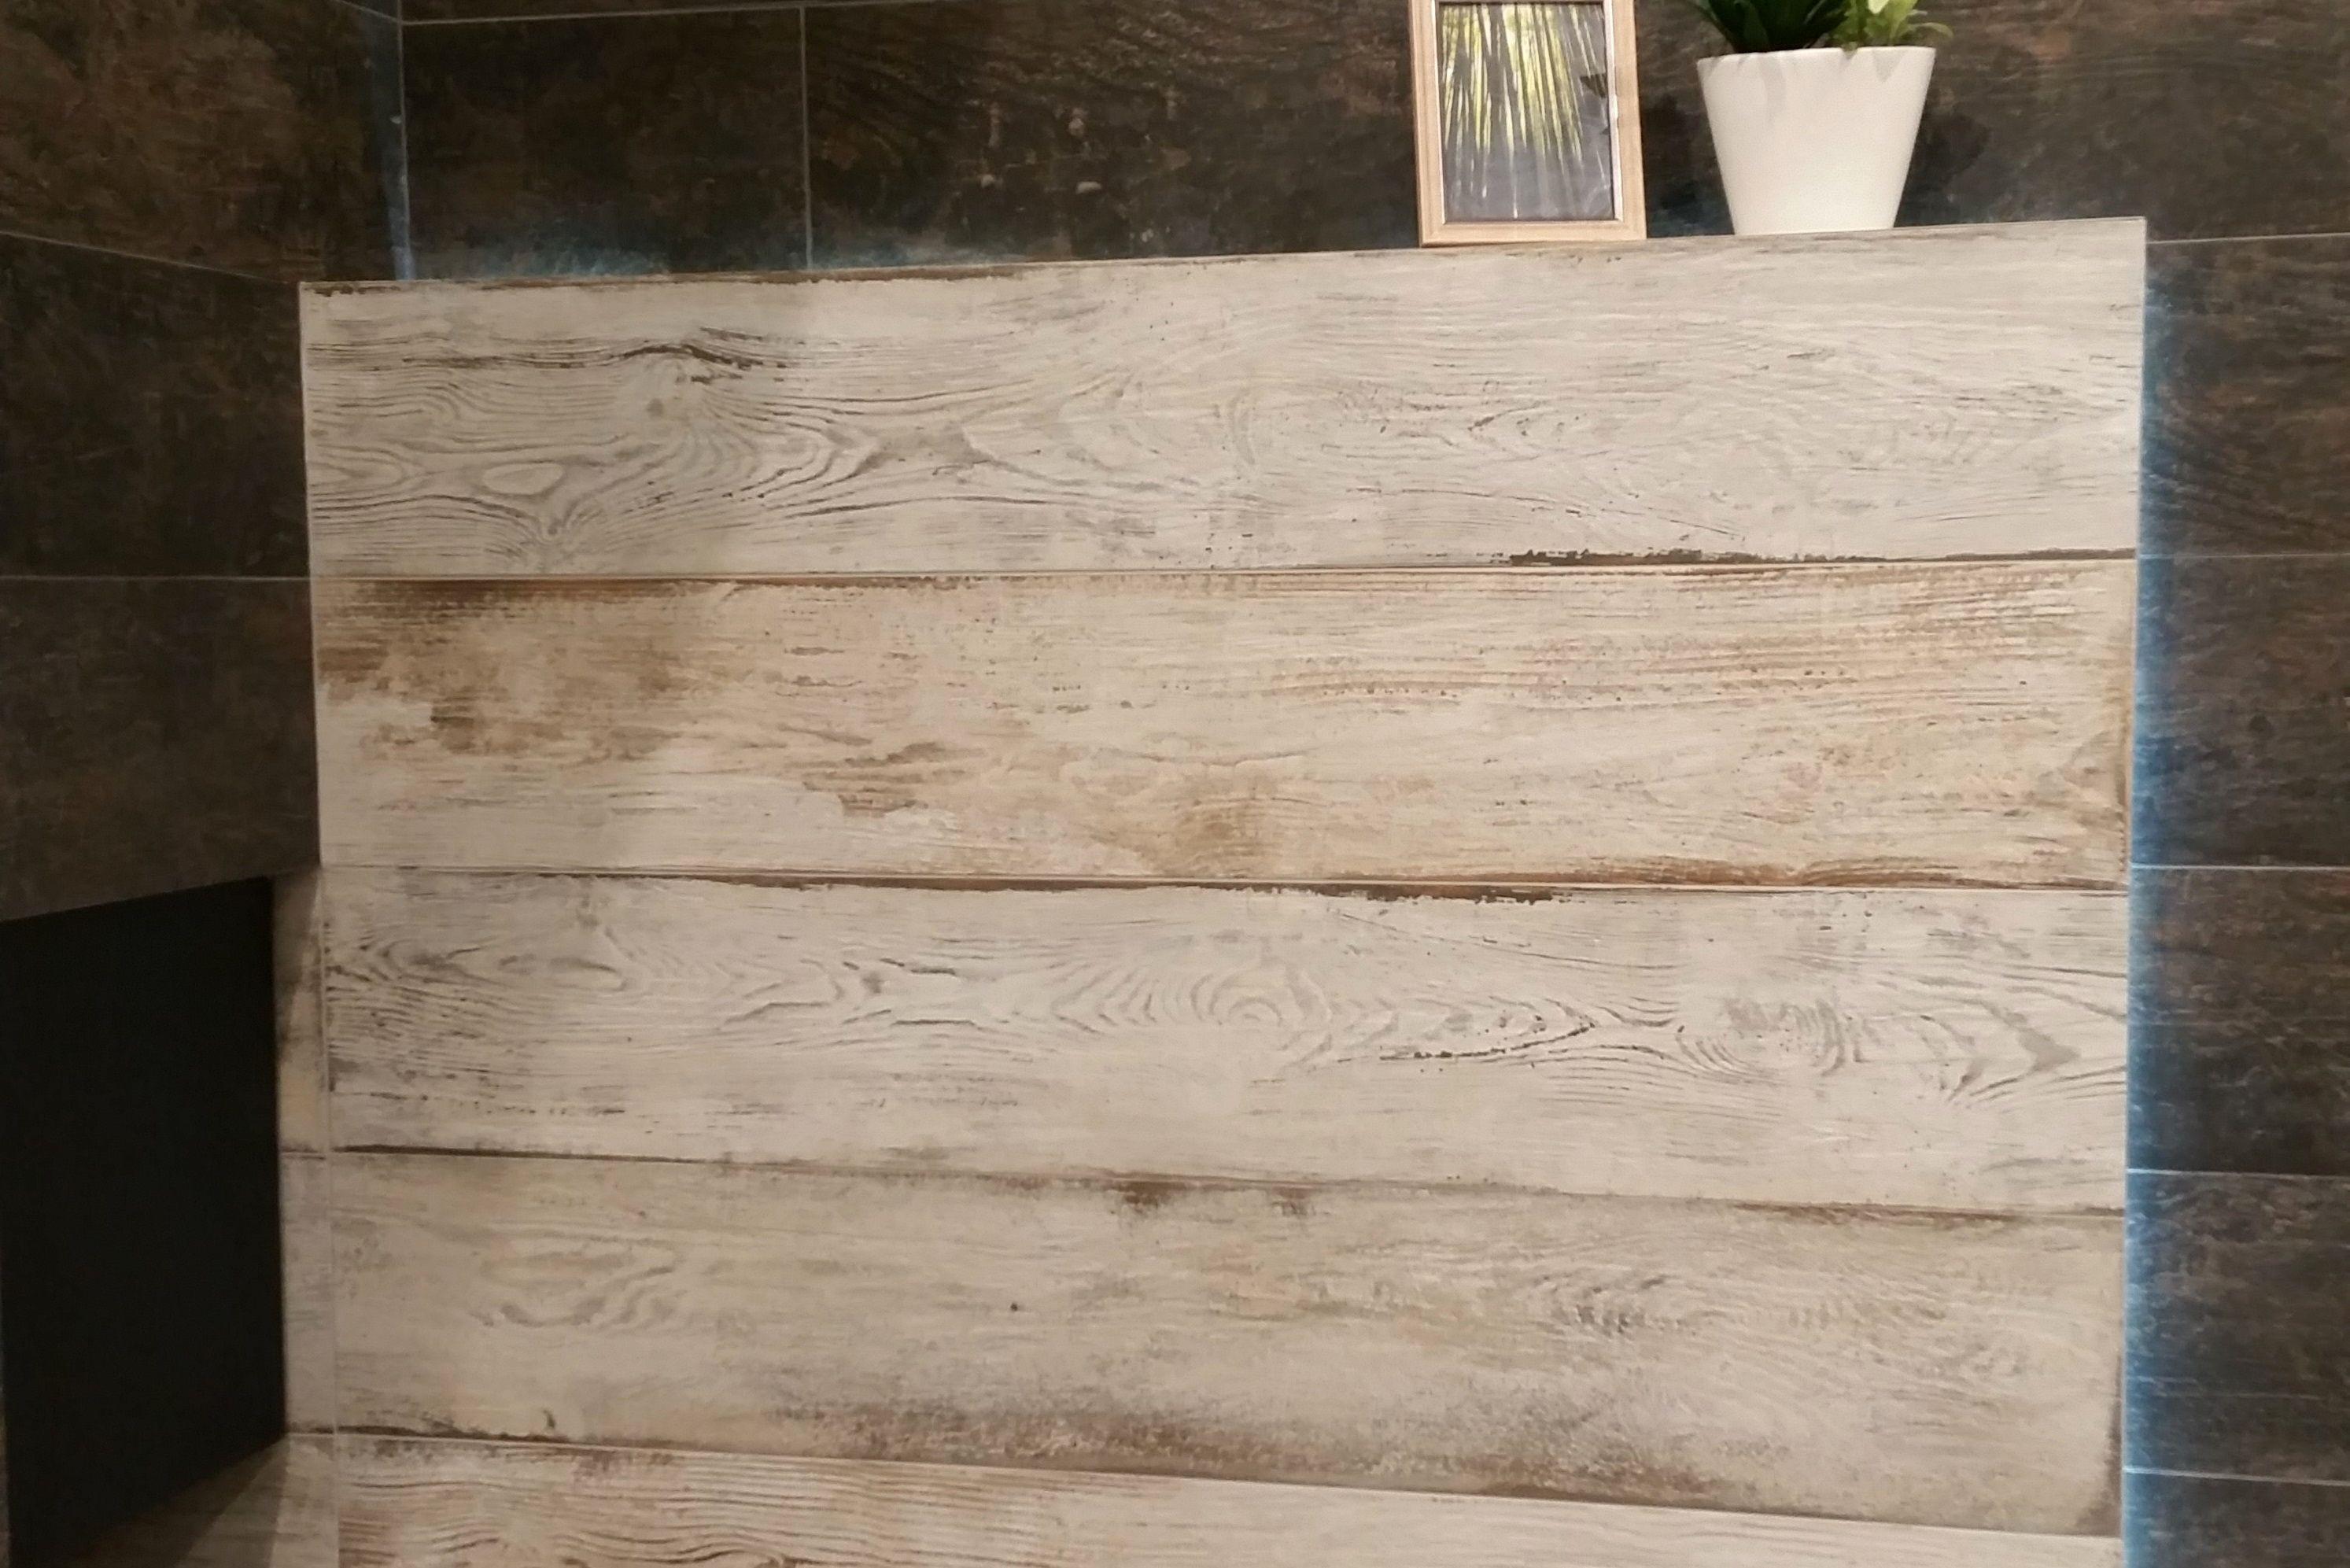 hardwood floor installation seattle of wood floor outlet reclaimed oak floor garenne flooring pinterest in wood floor outlet feinsteinzeug fliesen scha¶n feinsteinzeug terrasse 0d archives new